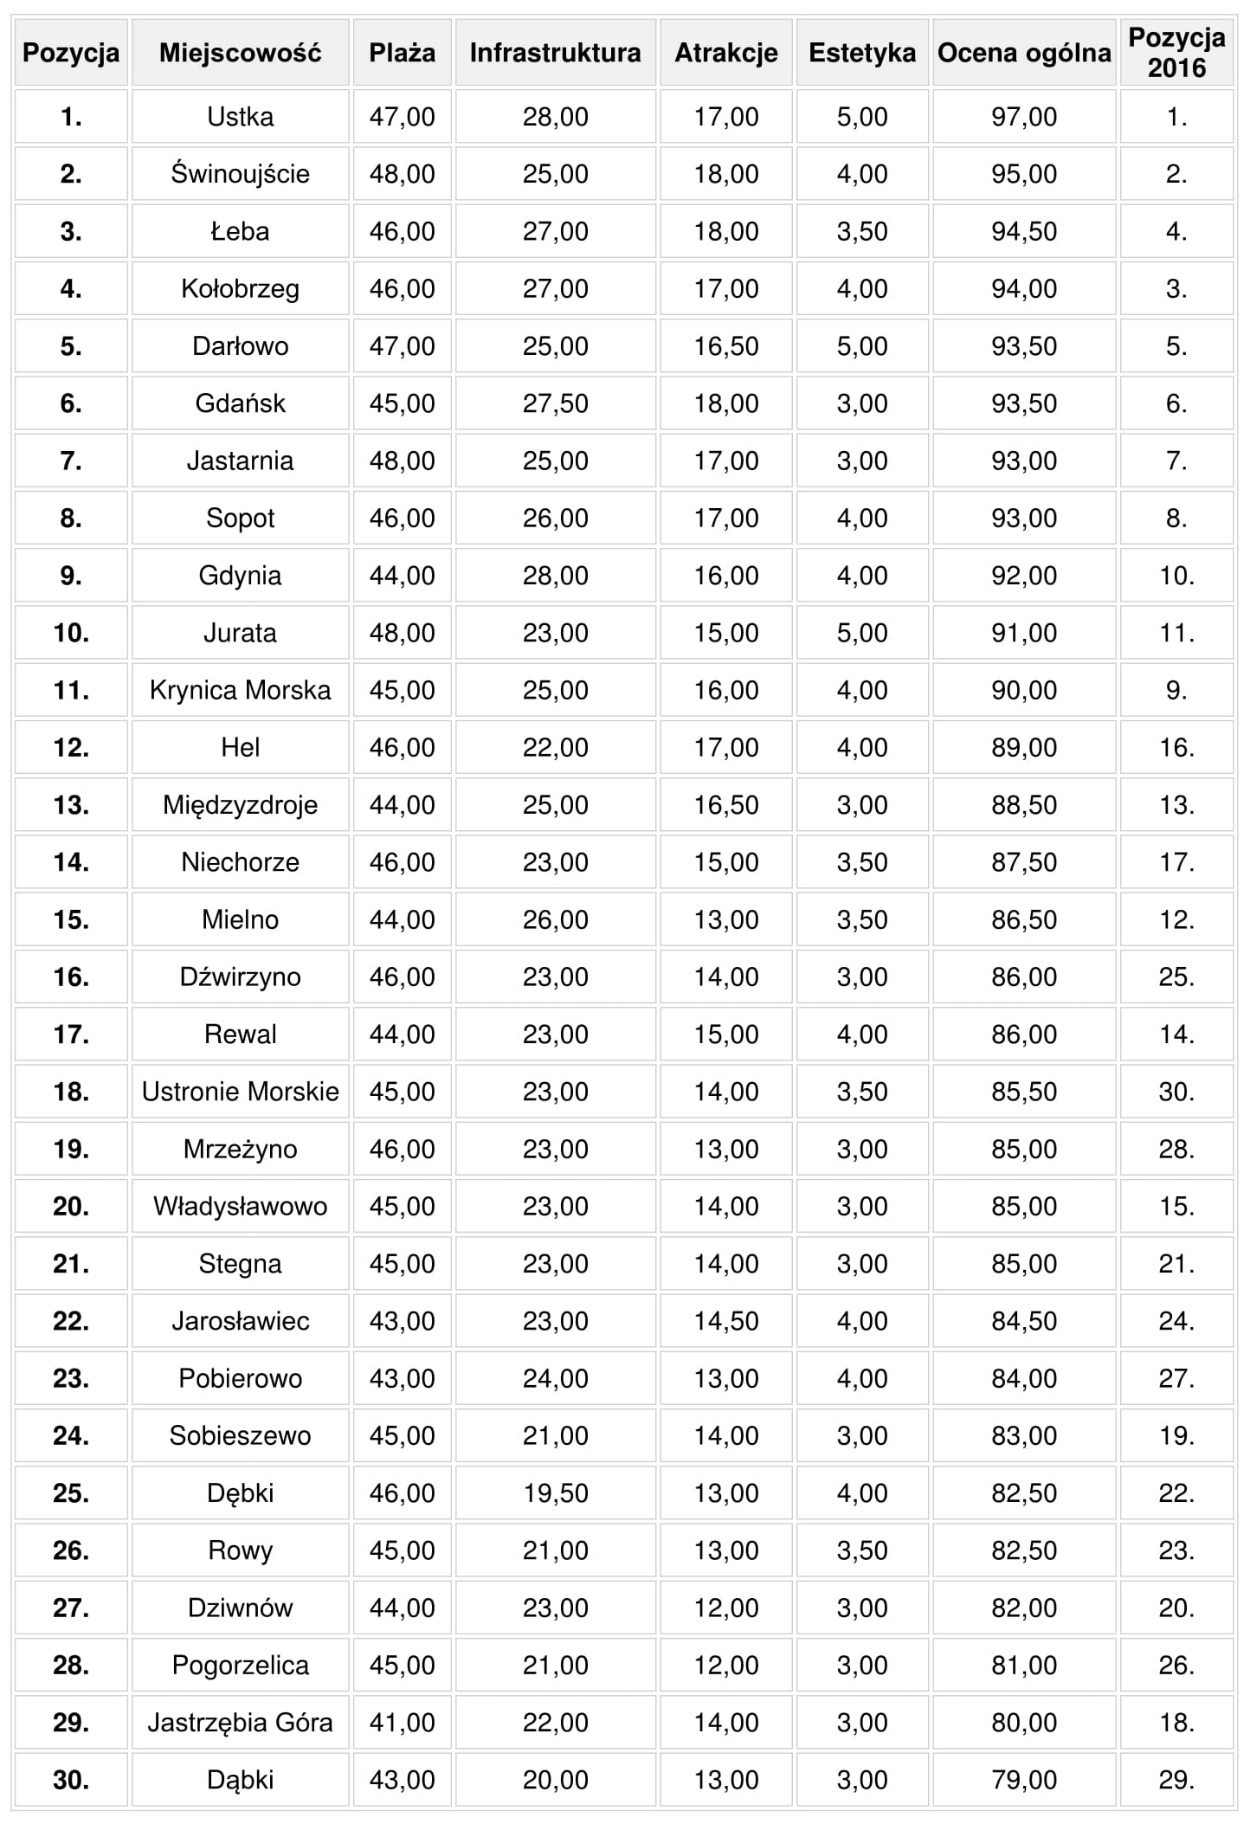 Ranking nadmorskich miejscowości 2017